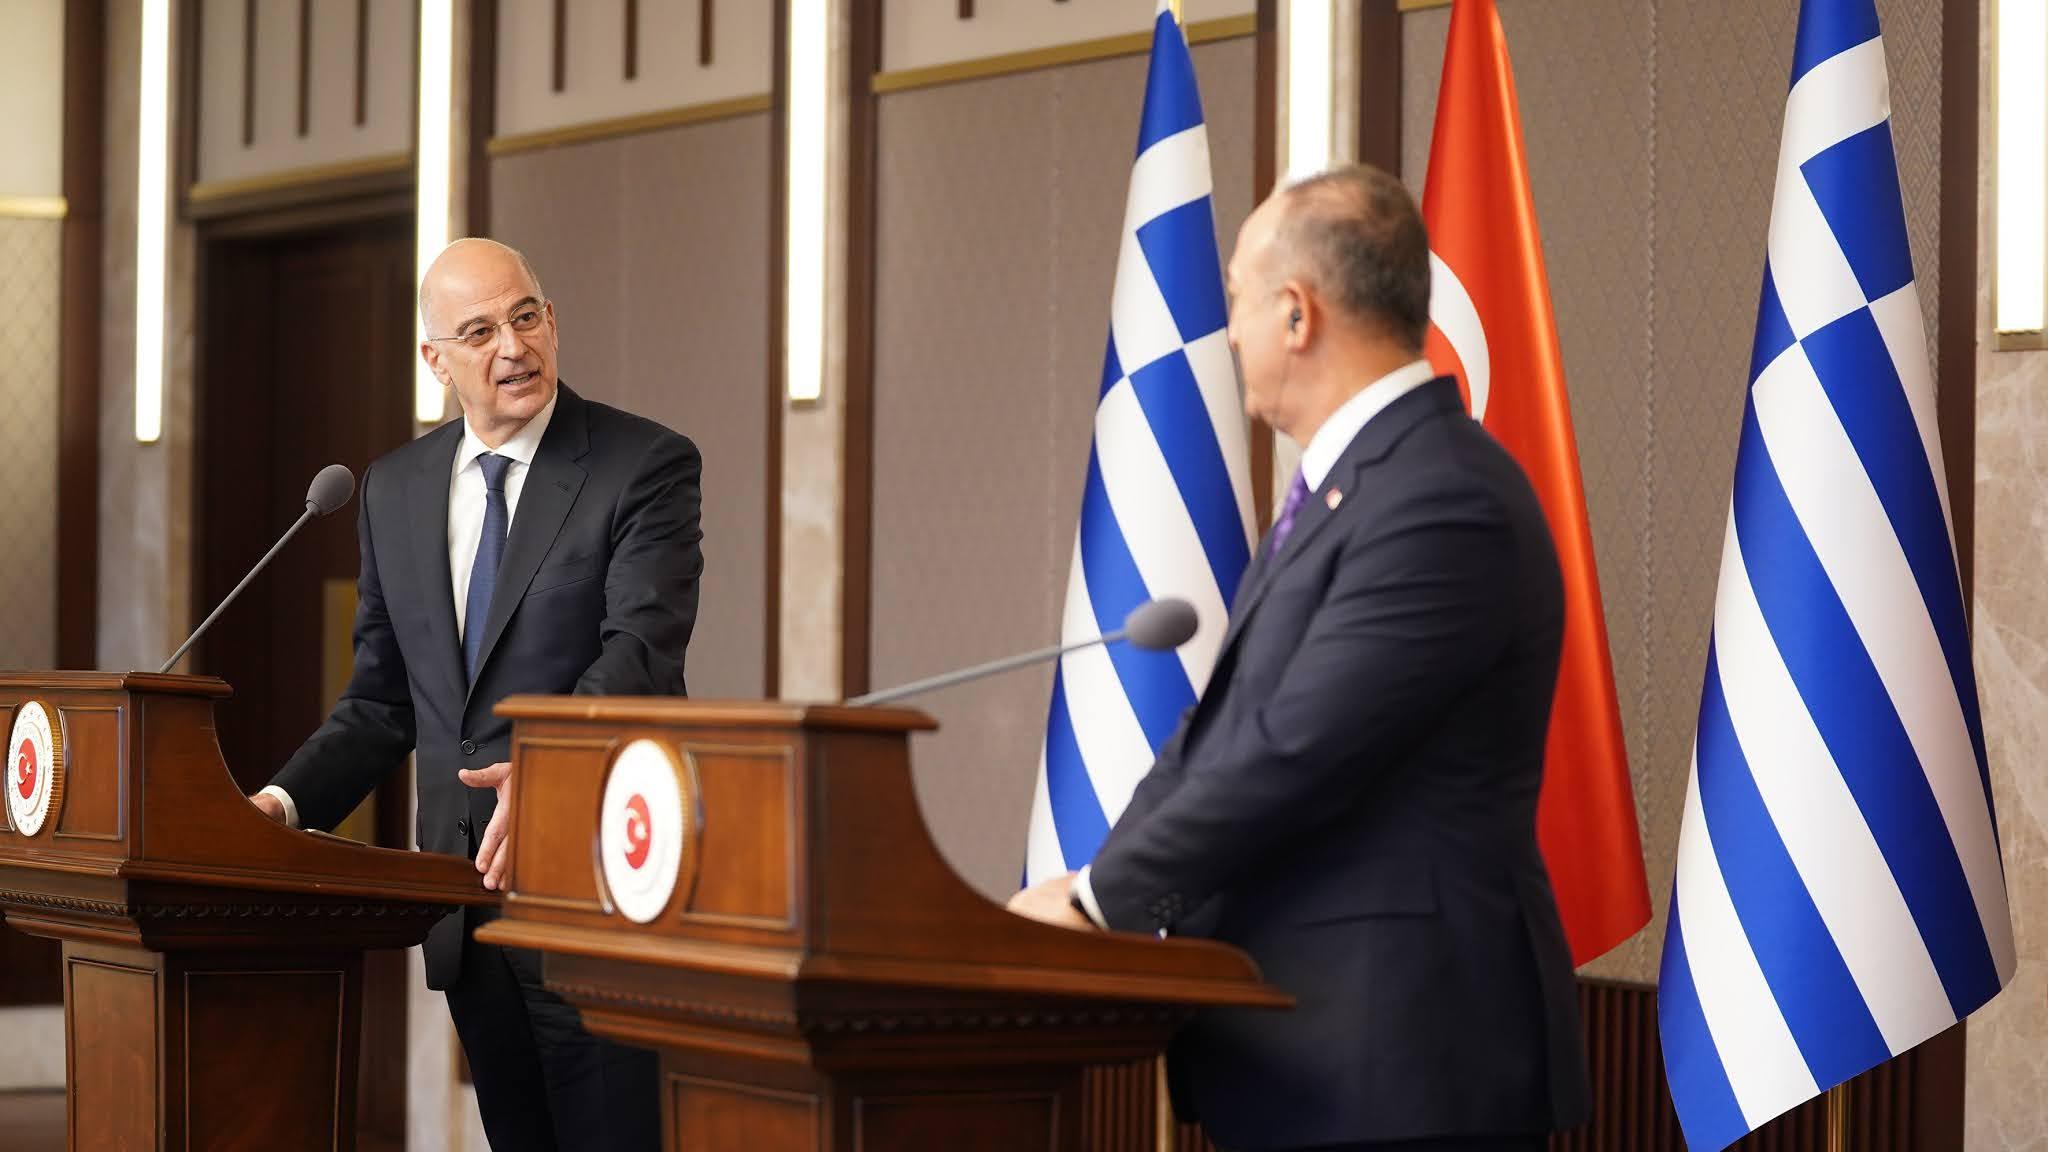 Αβραμόπουλος και Χατζηβασιλείου στηρίζουν Δένδια για τη Θράκη